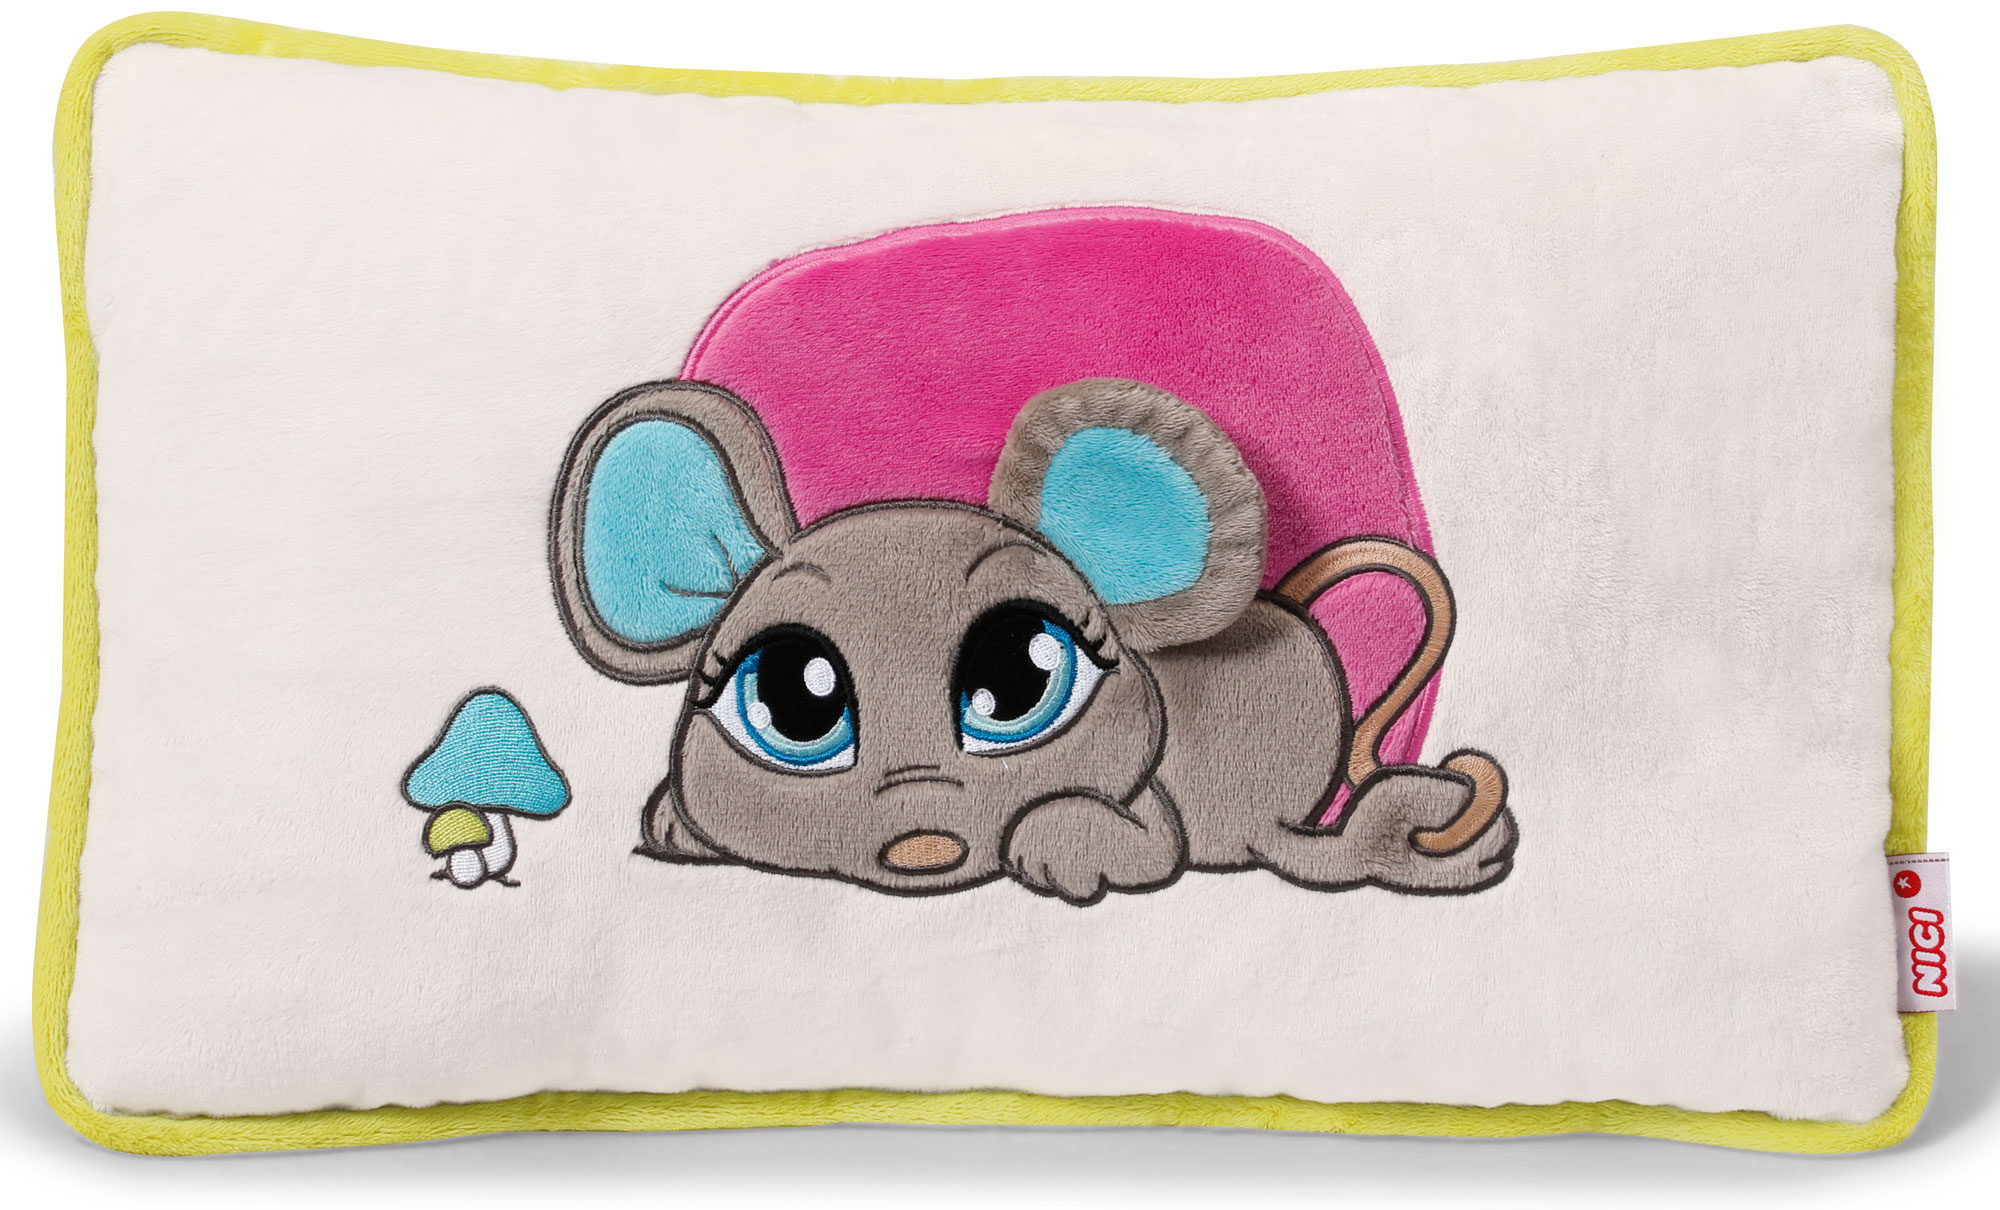 Nici Подушка Мышка серая 43 х 25 смNap200 (40)Мягкая подушка Nici Мышка серая не оставит равнодушным вашего ребенка.Мягкая и приятная на ощупь подушка прямоугольной формы выполнена из полиэстера с мягкой набивкой и оформлена вышитой аппликацией в виде симпатичной серой мышки. Подушка удивительно приятна на ощупь. Необычайно мягкая, она принесет радость и подарит своему обладателю мгновения нежных объятий и приятных воспоминаний.Такая подушка станет отличным аксессуаром для детской комнаты.